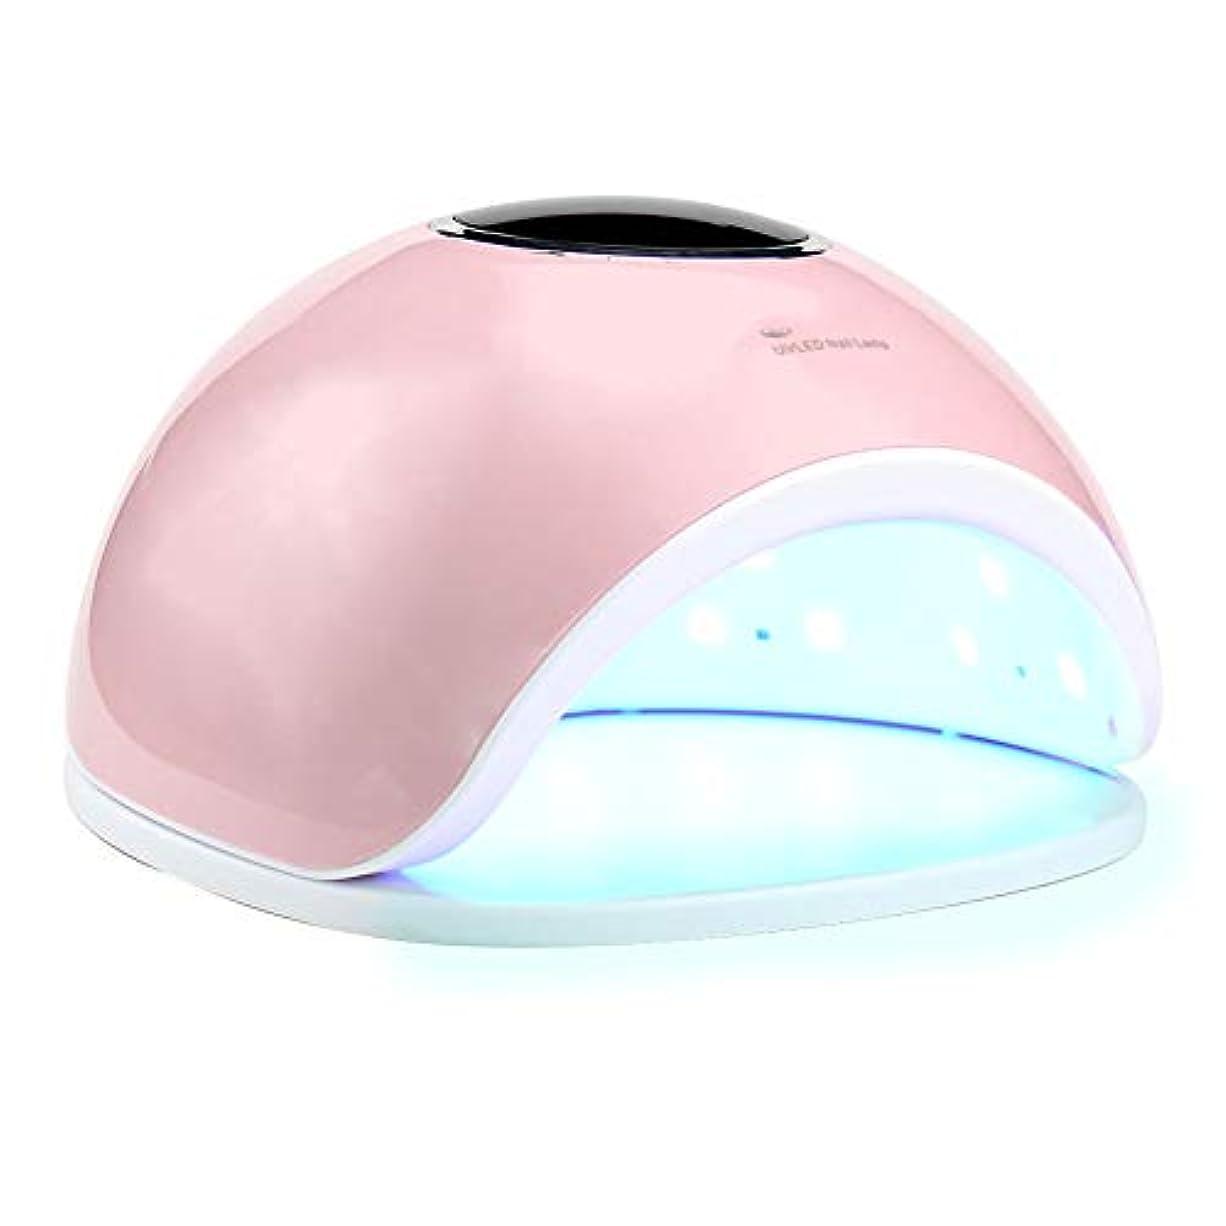 カバレッジ等しい高層ビルネイルドライヤーポータブルネイルライト - ネイル光線療法機33ランプビーズ液晶ディスプレイ無痛モード4タイミング,Pink